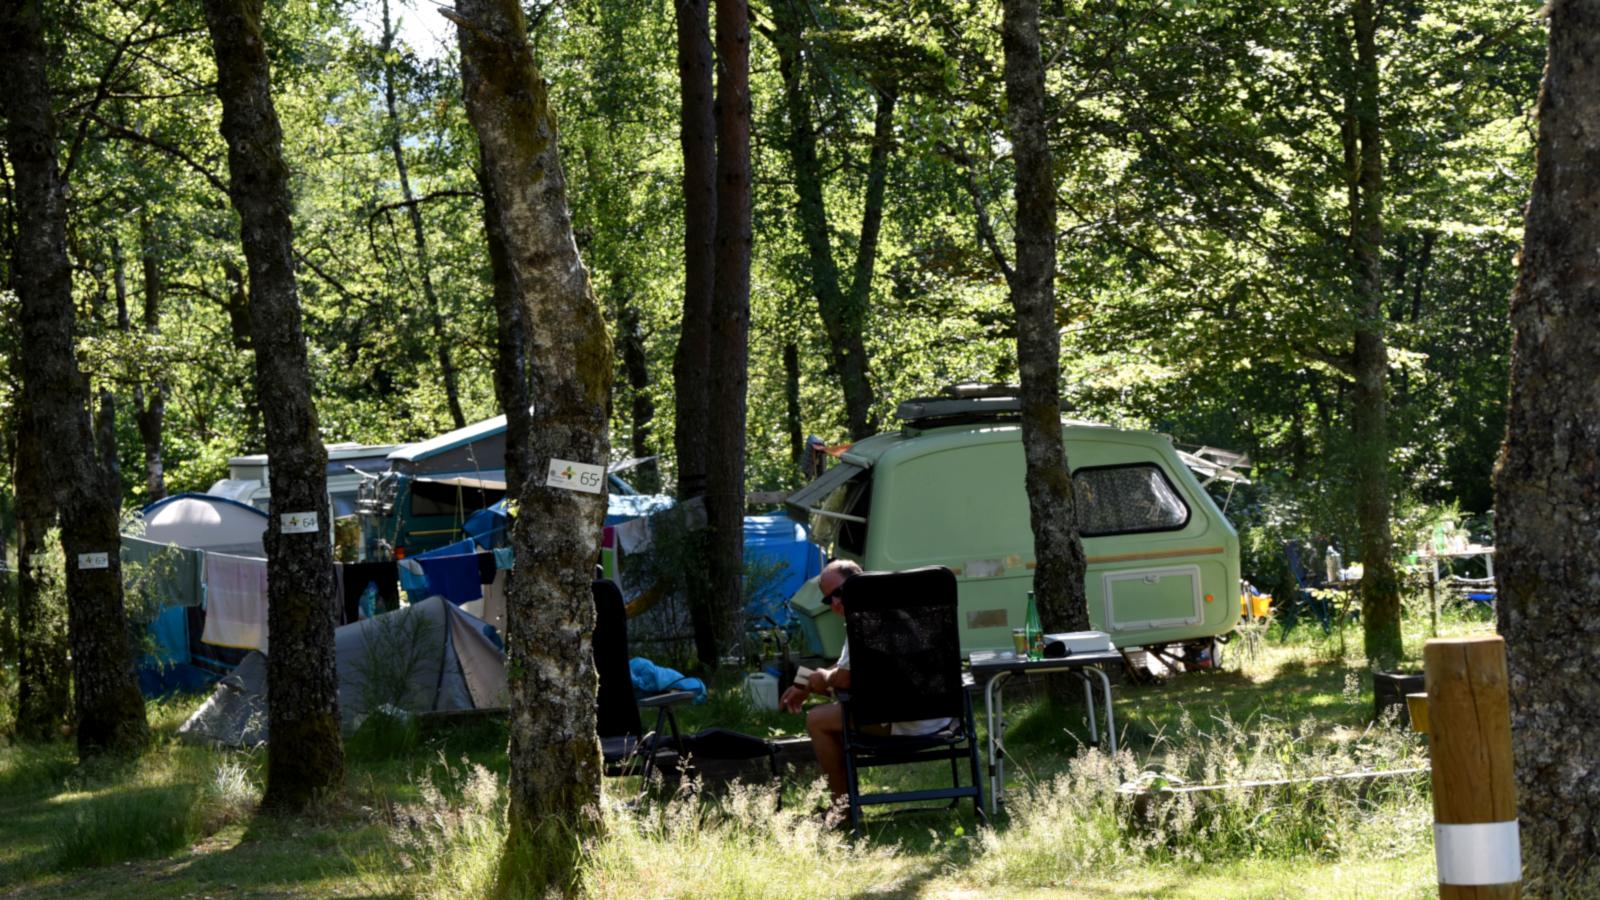 Le camping du Mettey comprend 80 emplacements disponibles du 1er avril au 30 septembre.